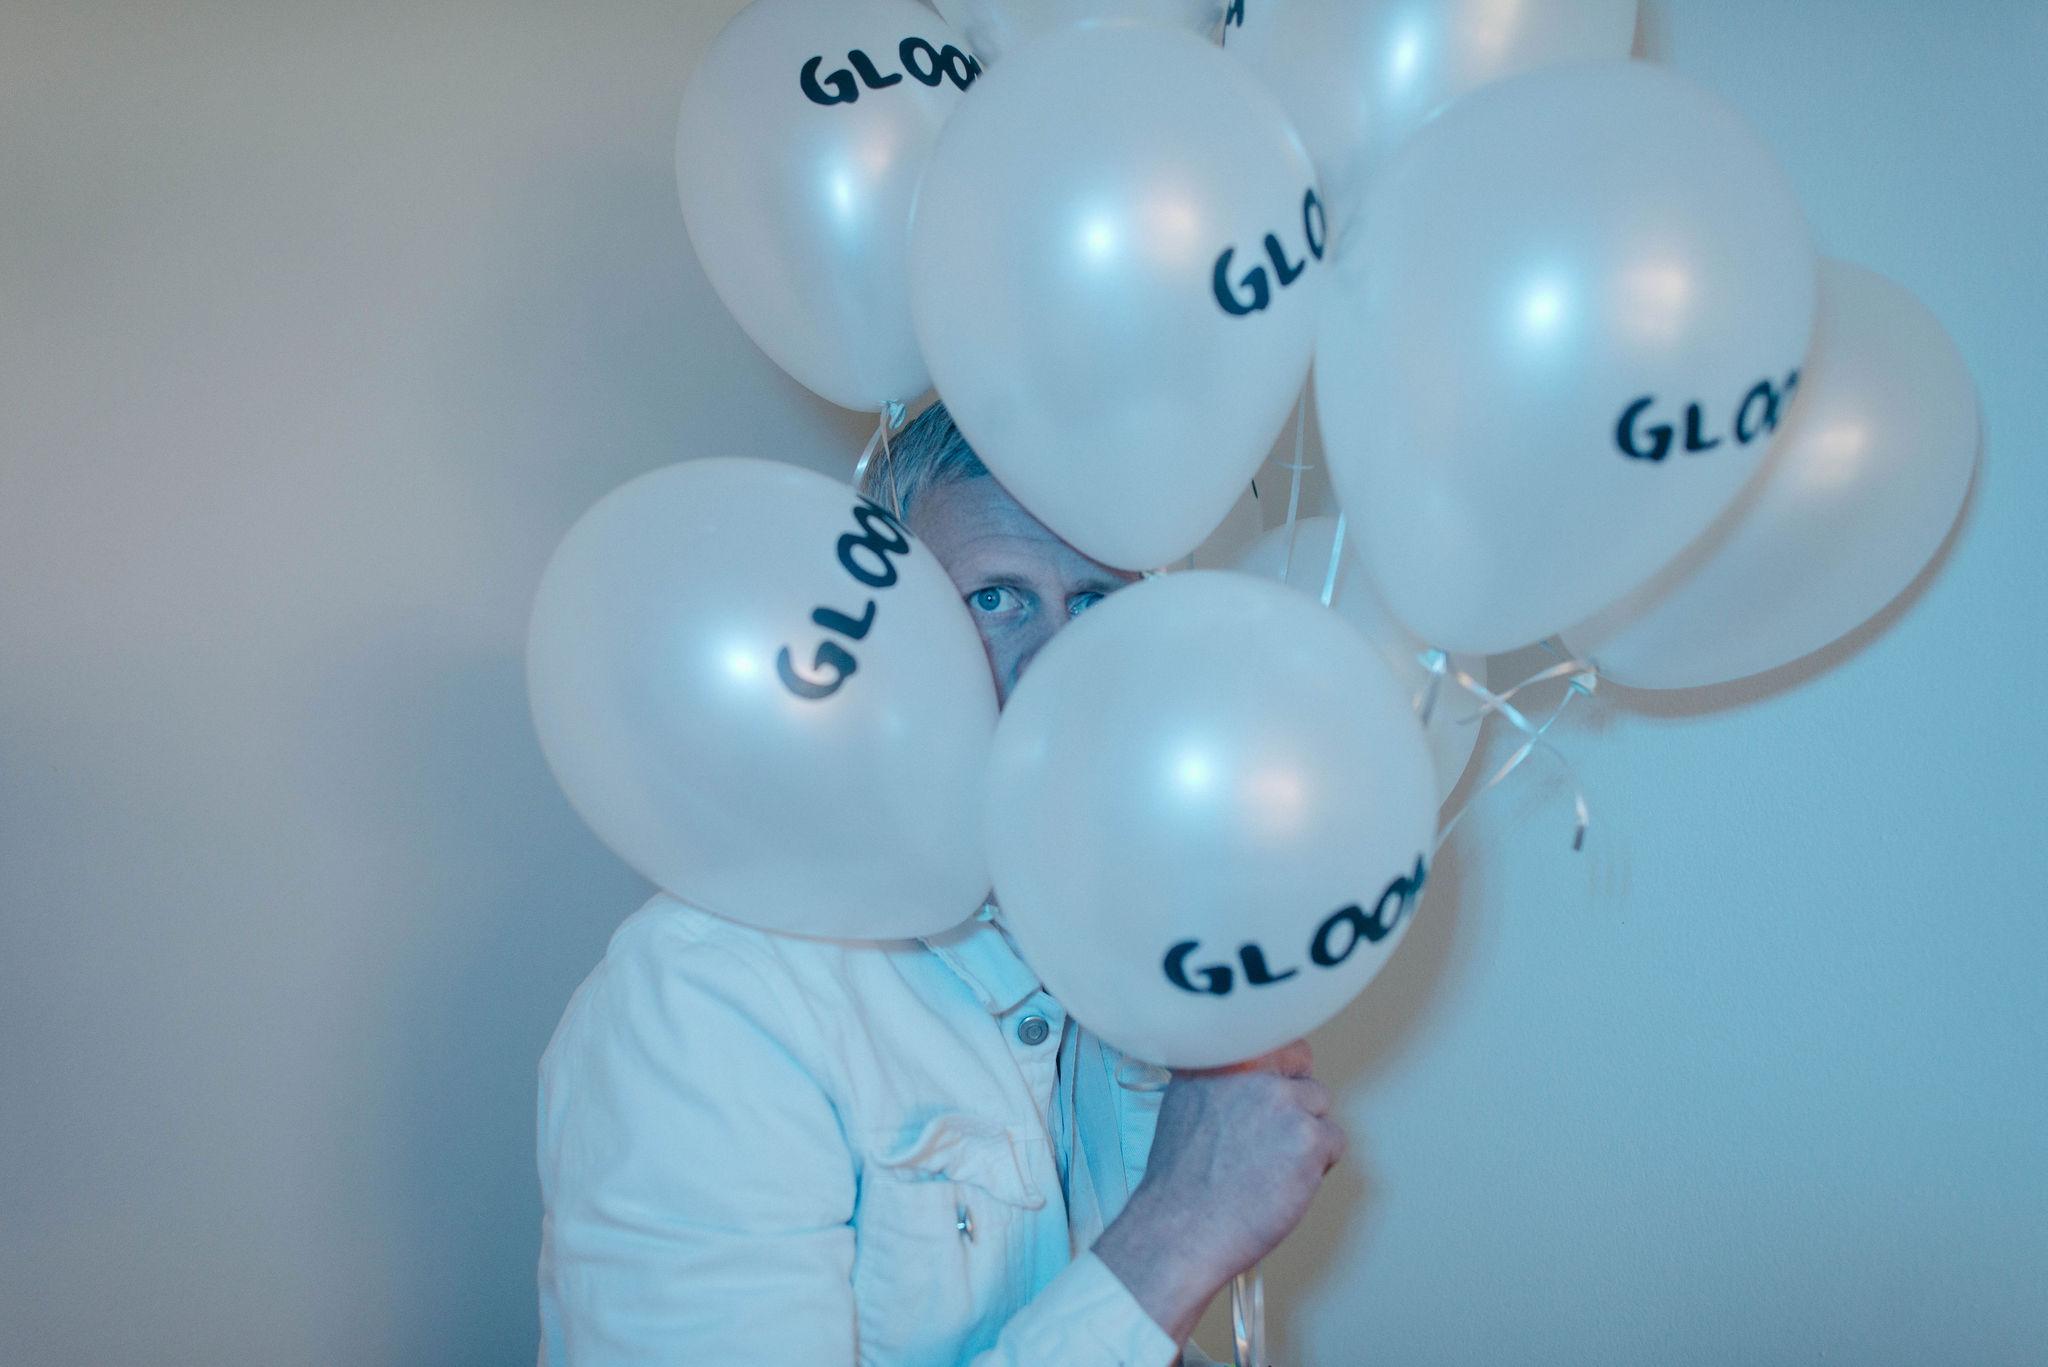 GloomBalloon2.jpg